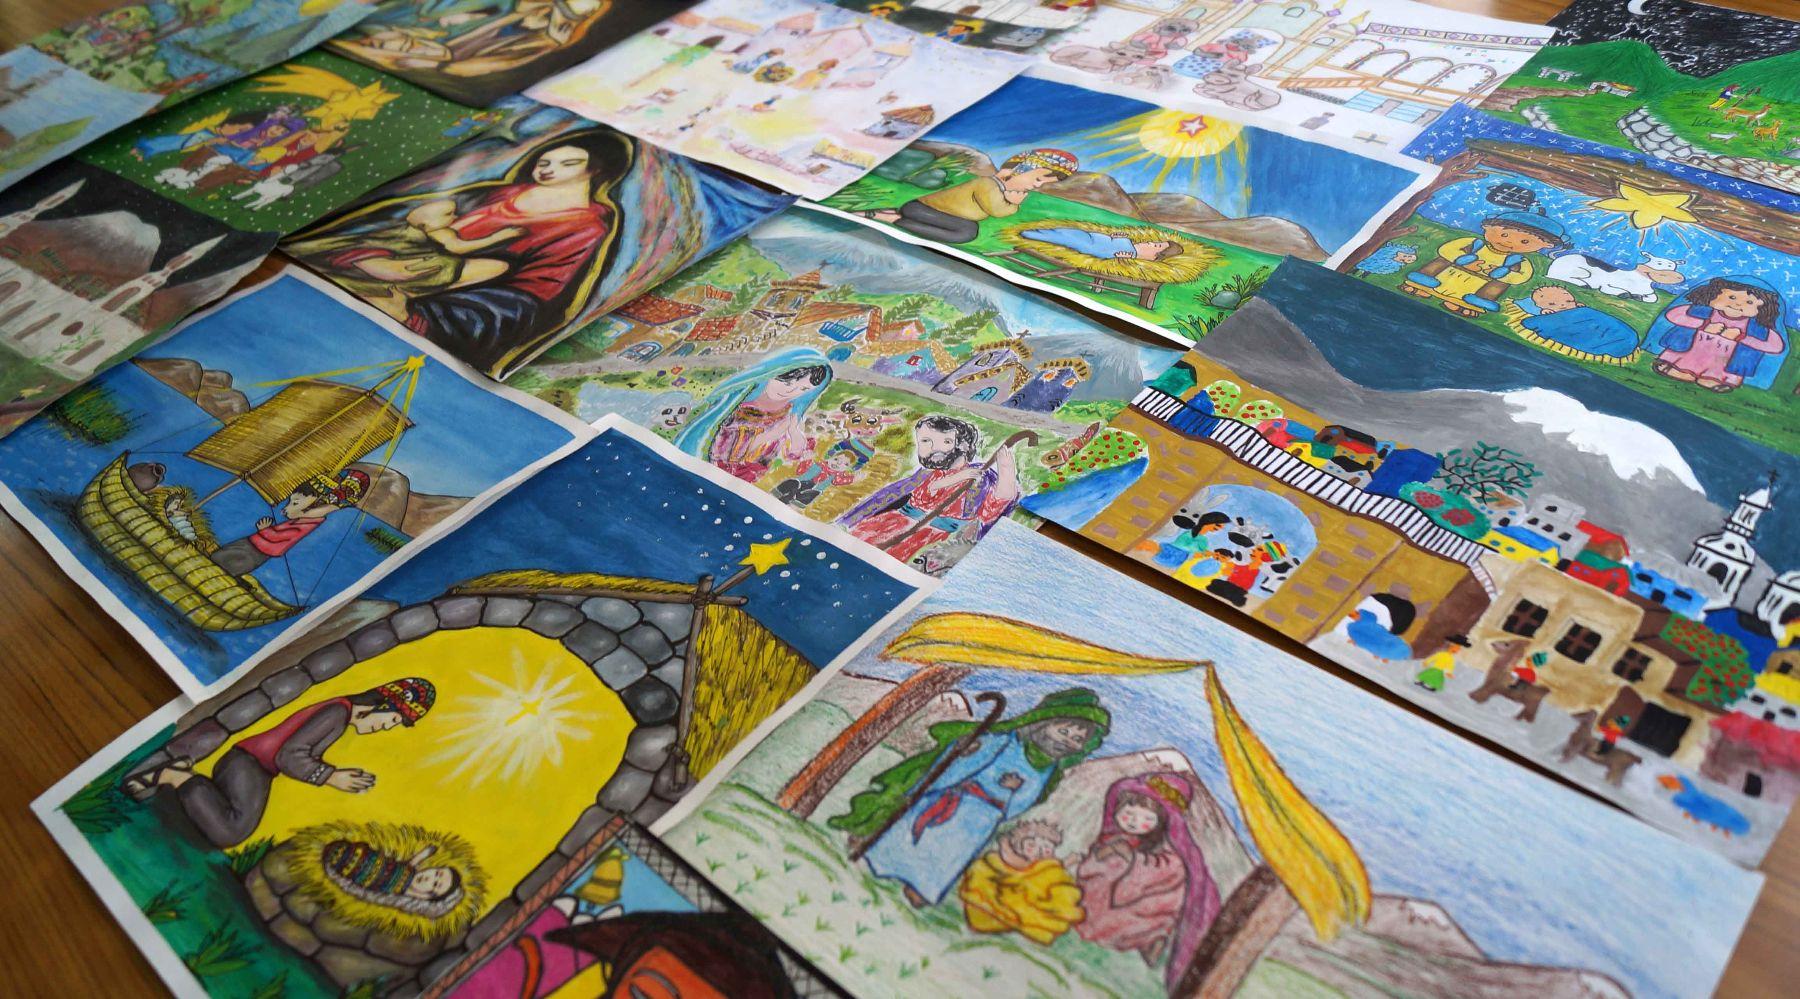 Inabif pone a la venta tarjetas navide as con dibujos for Tarjetas de navidad hechas por ninos